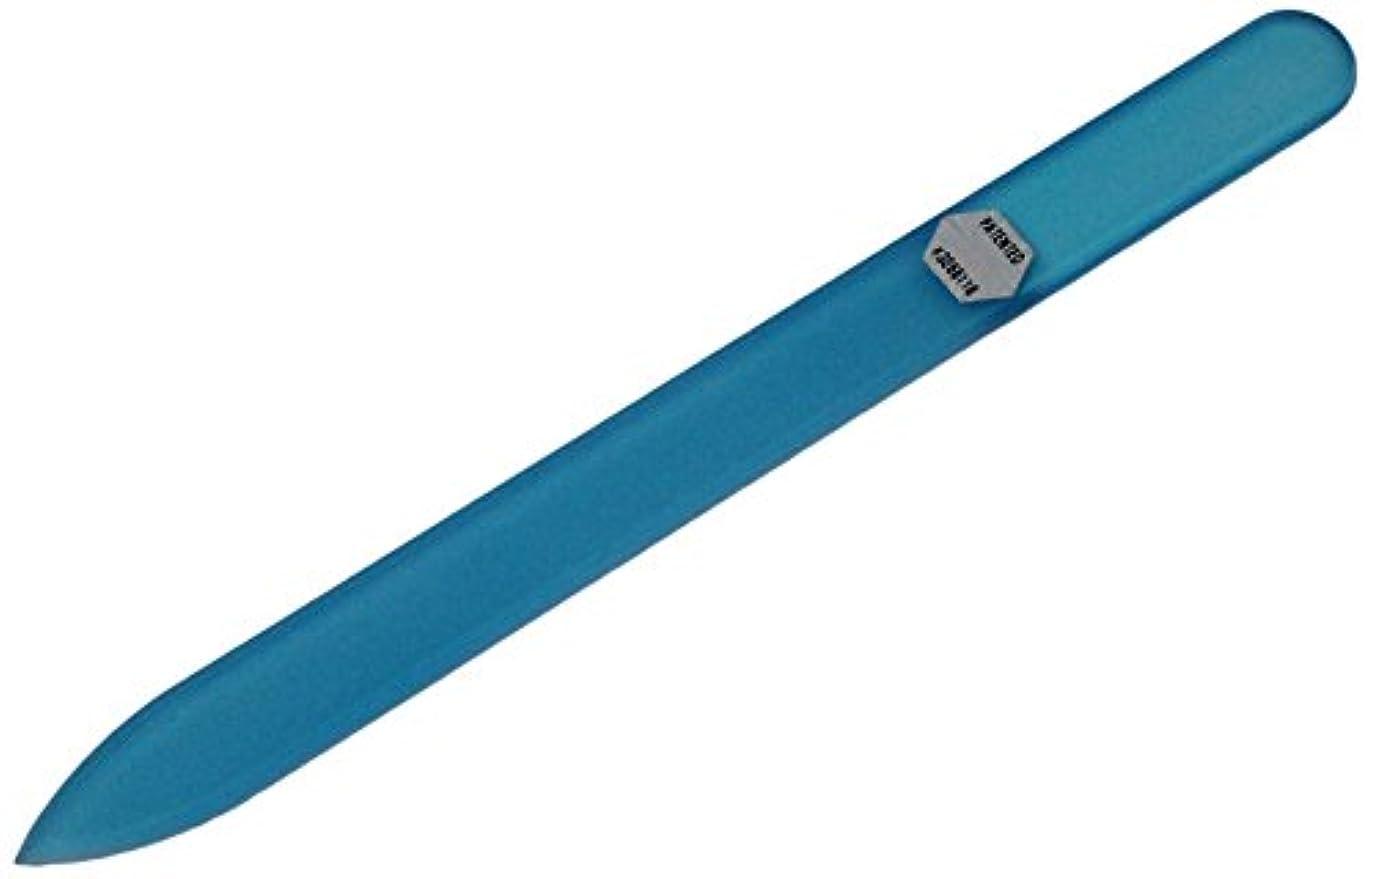 トーナメント創始者アベニューブラジェク ガラス爪やすり 140mm 片面タイプ オールカラー ブルー B-03